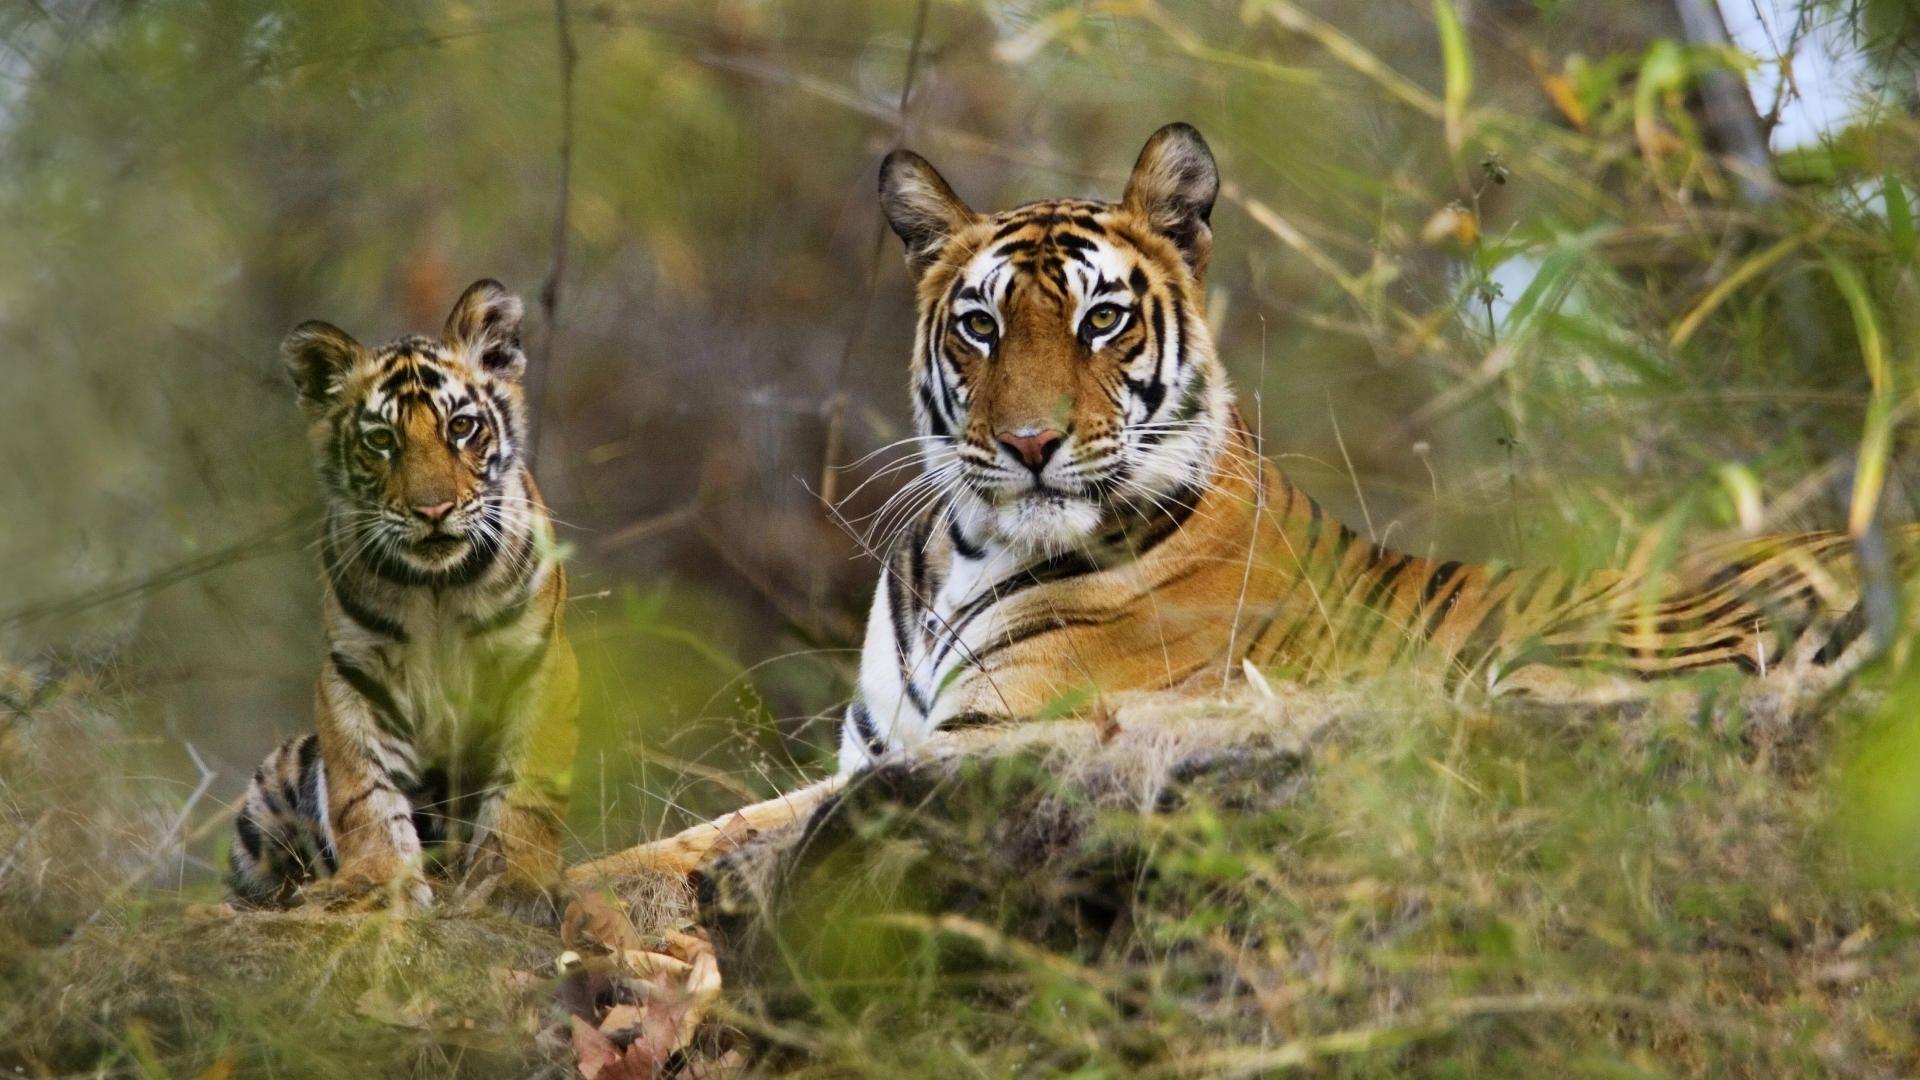 Bandhavgarh National Park Image